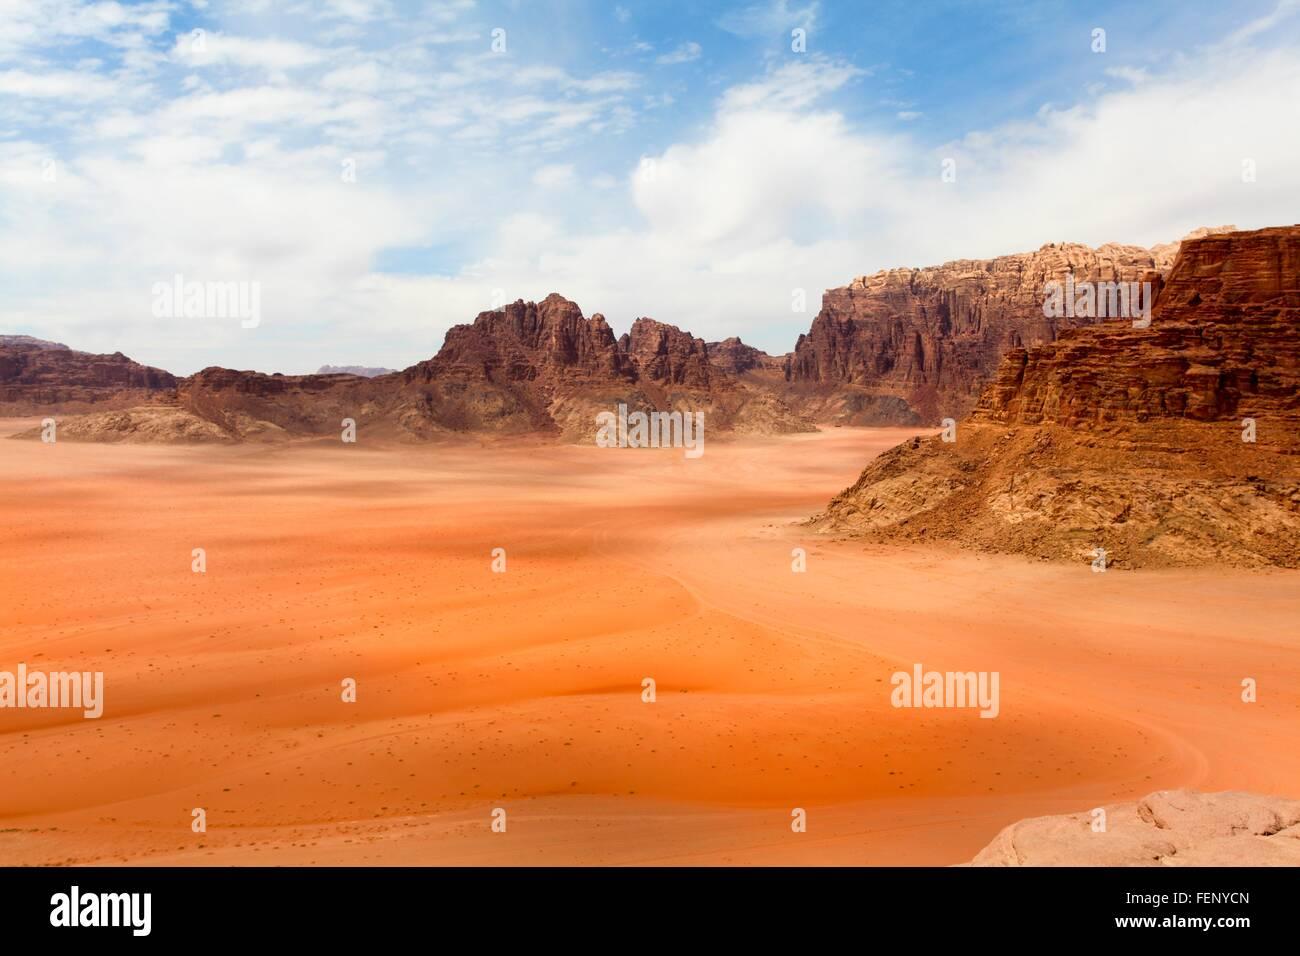 Portrait de dessert et de montagnes, Wadi Ram, Jordanie Photo Stock